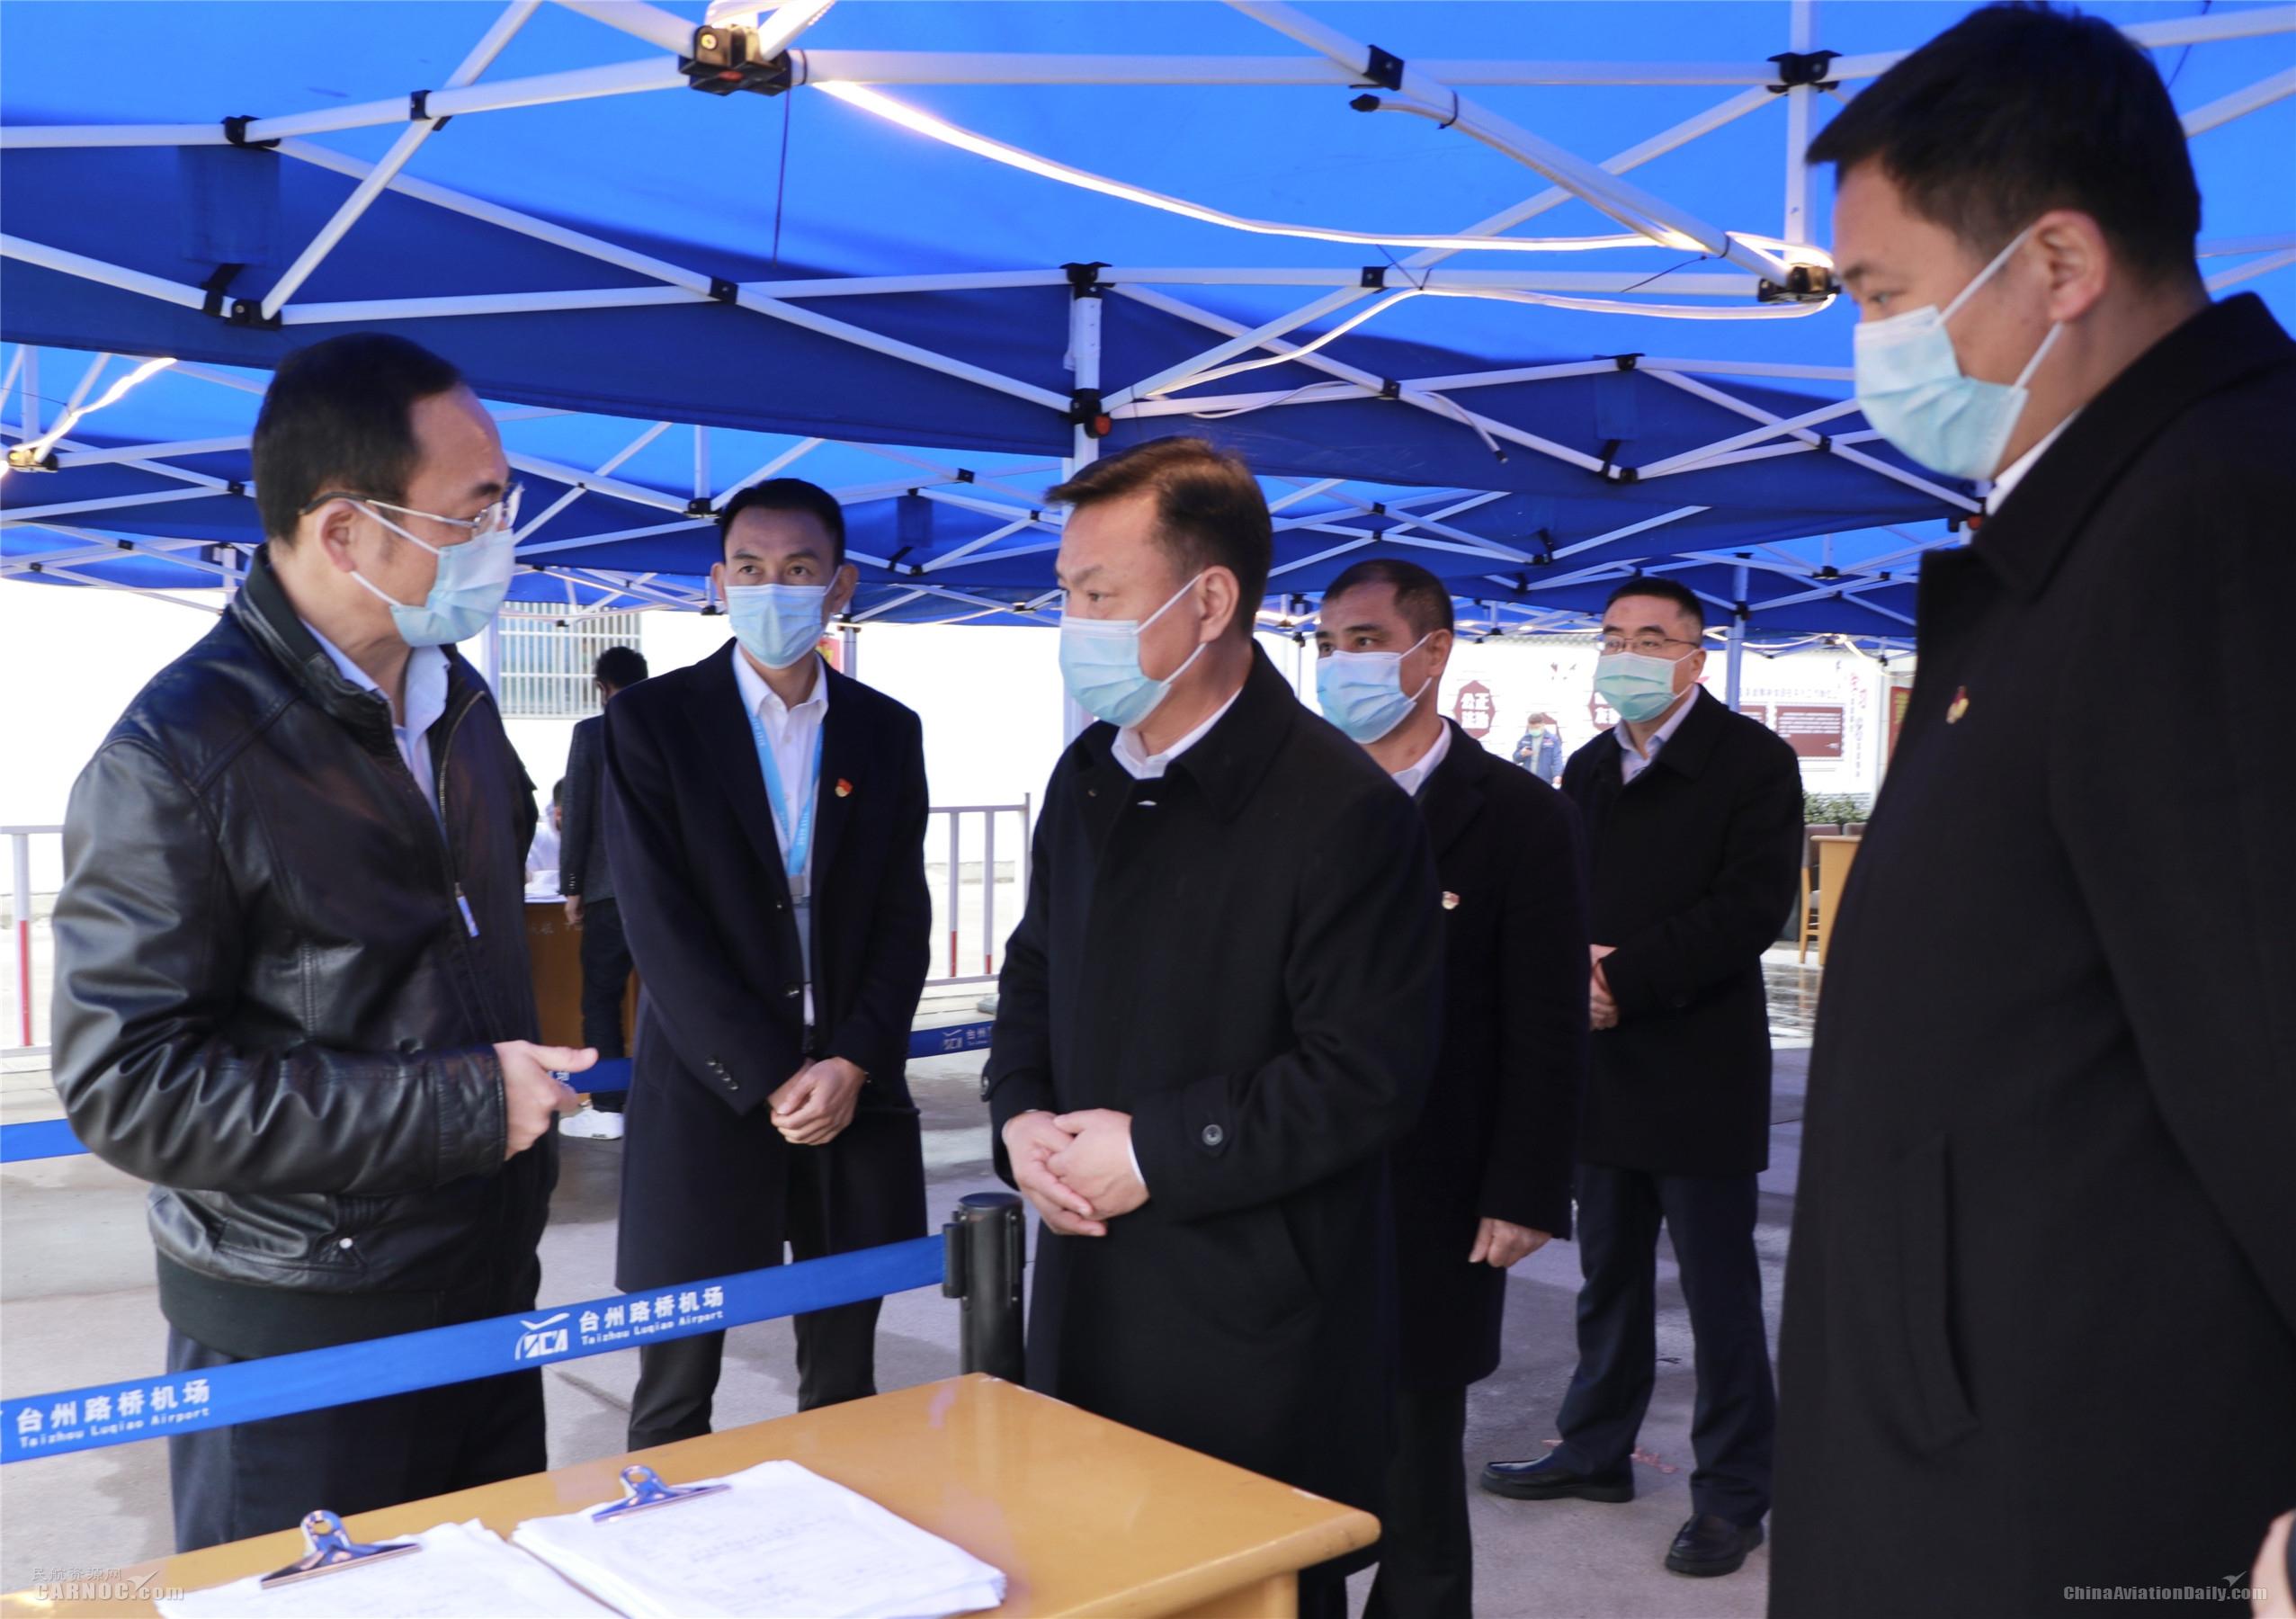 浙江省機場集團王敏董事長赴臺州機場檢查指導疫情防控和復工復產工作